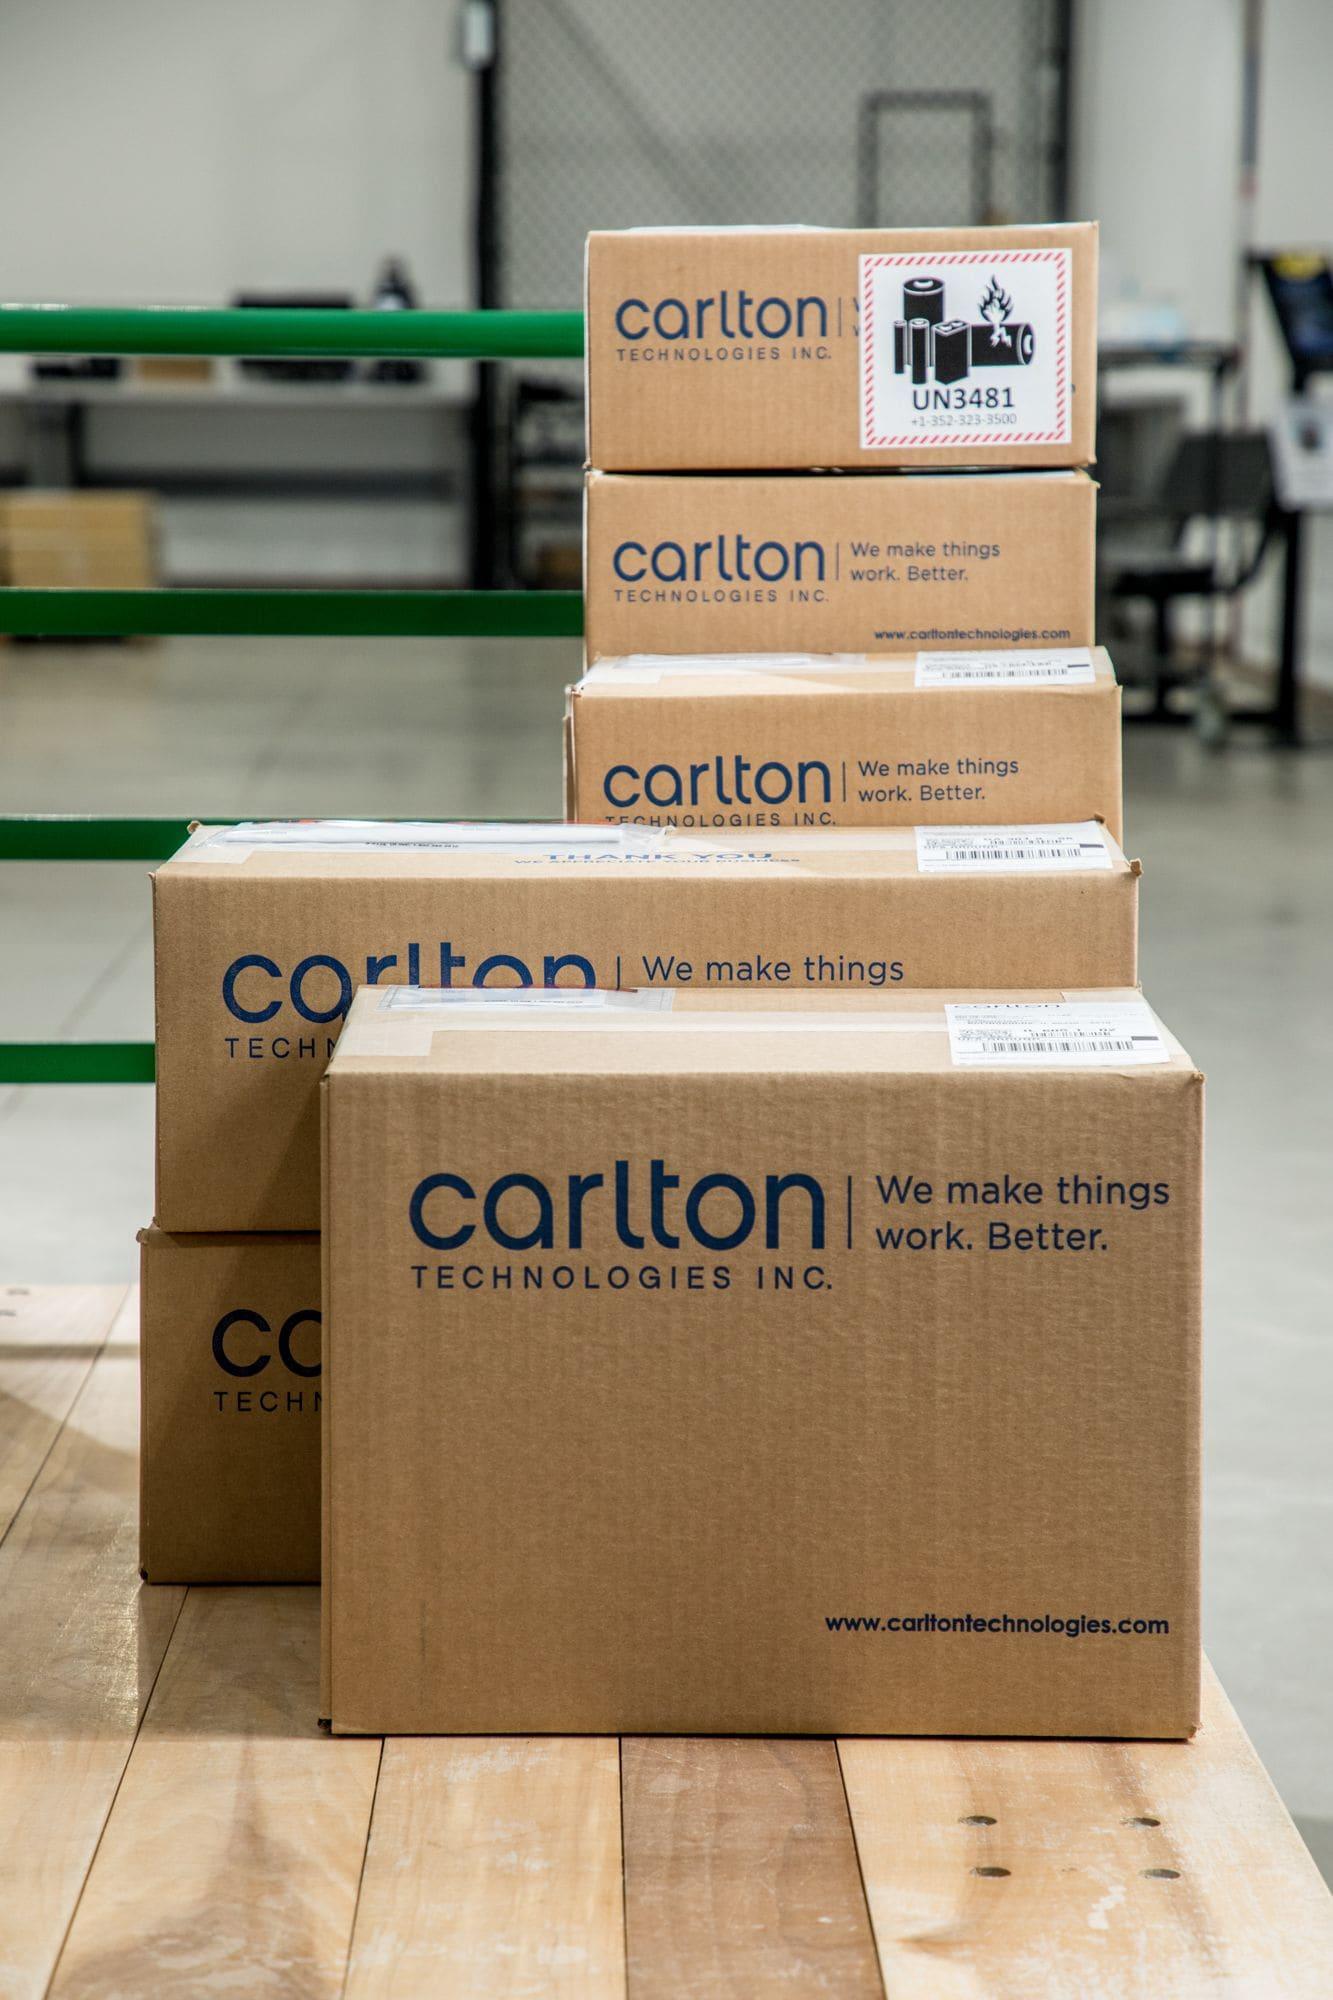 carlton technologies IT boxes